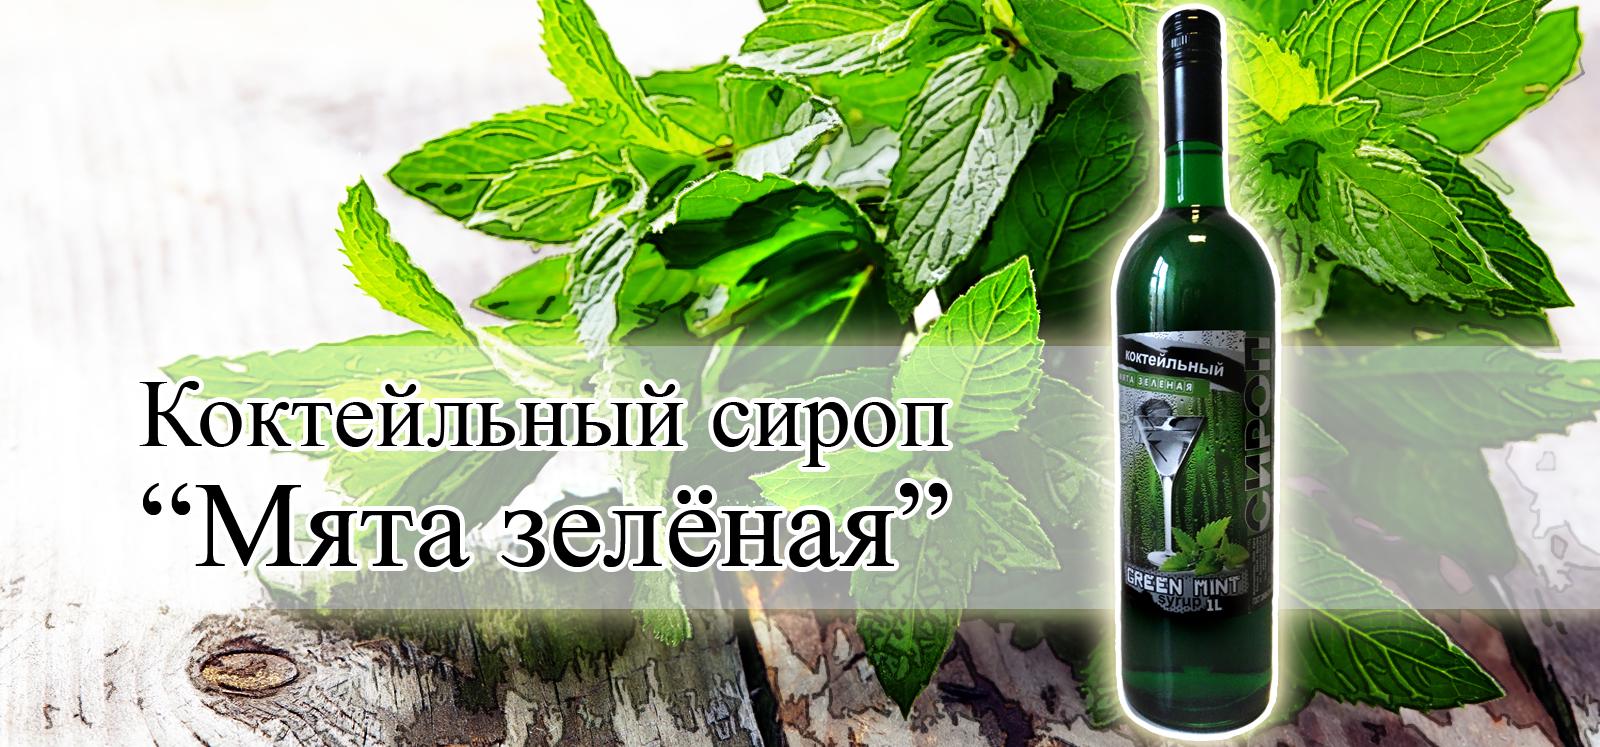 Арта - Сиропы - Коктейльный сироп Мята зелёная